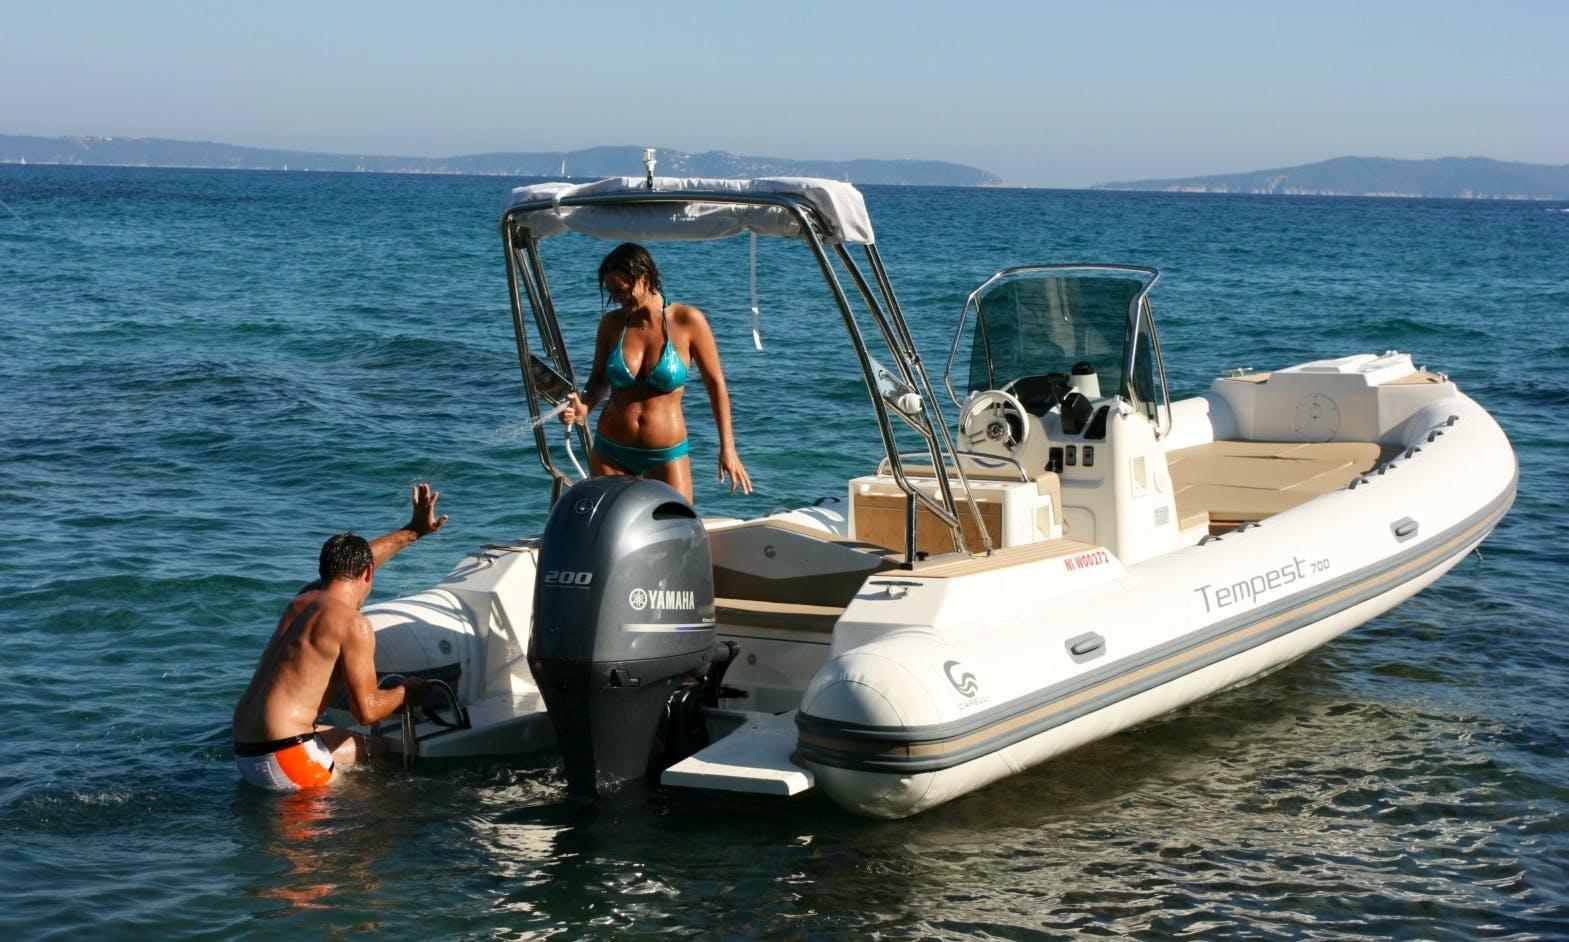 Capelli Tempest 7 Boat Hire in Cargèse